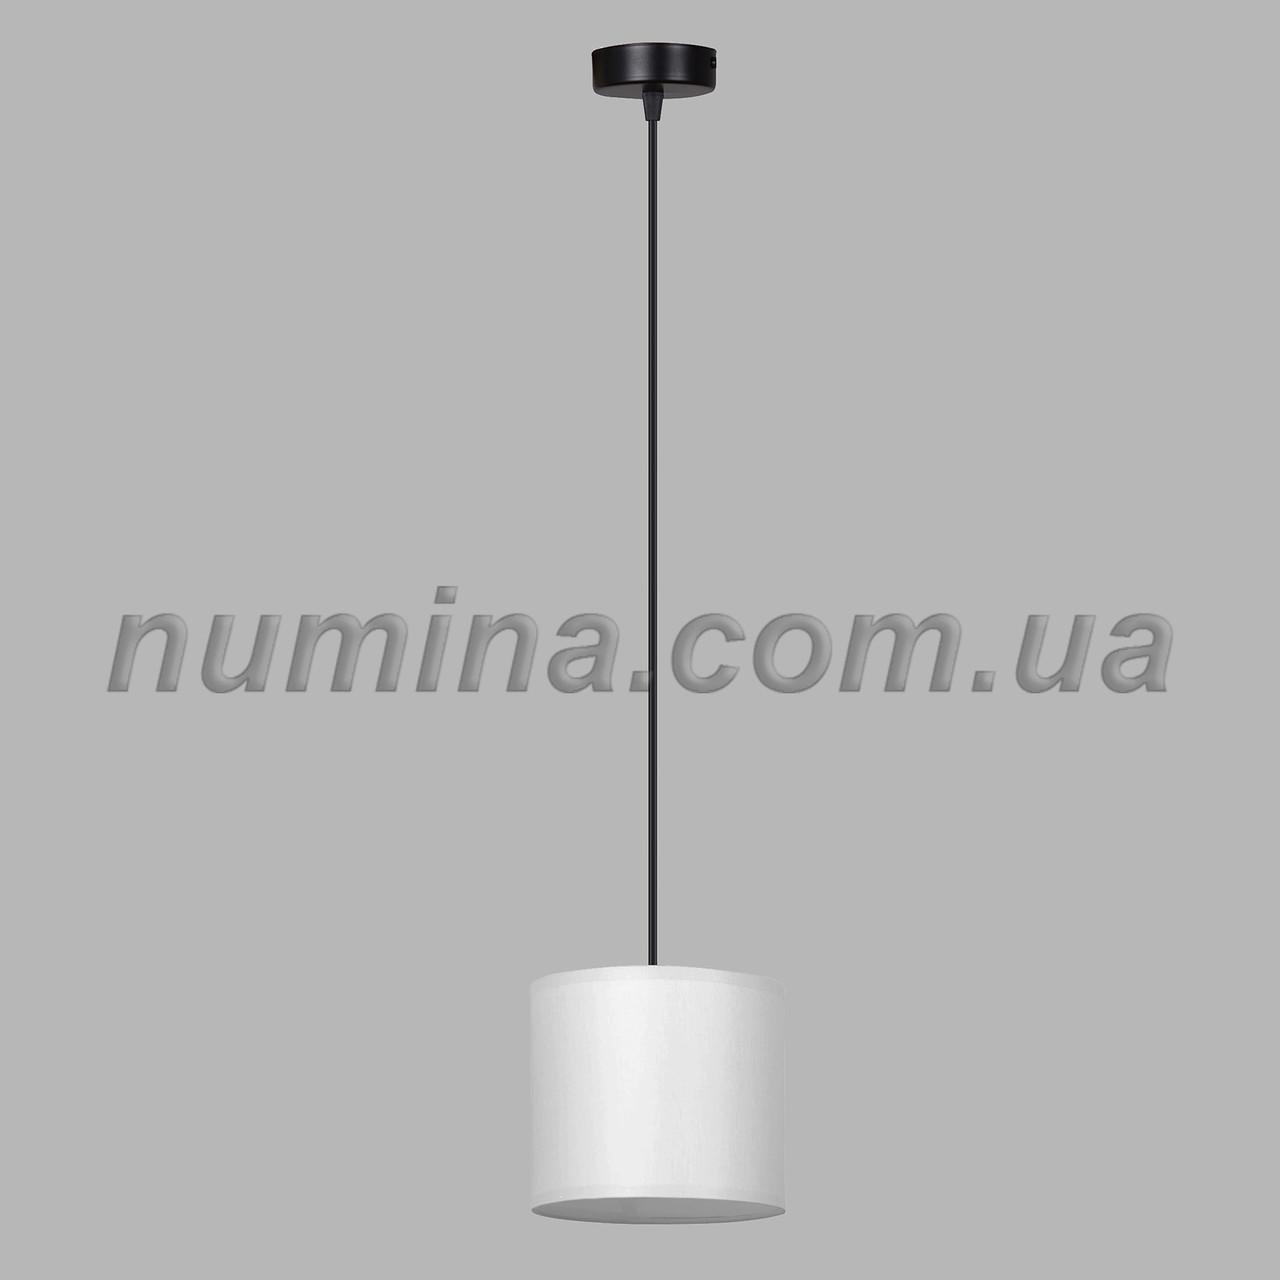 Люстра підвісна на одну лампу 29-S294/1B BK+WT